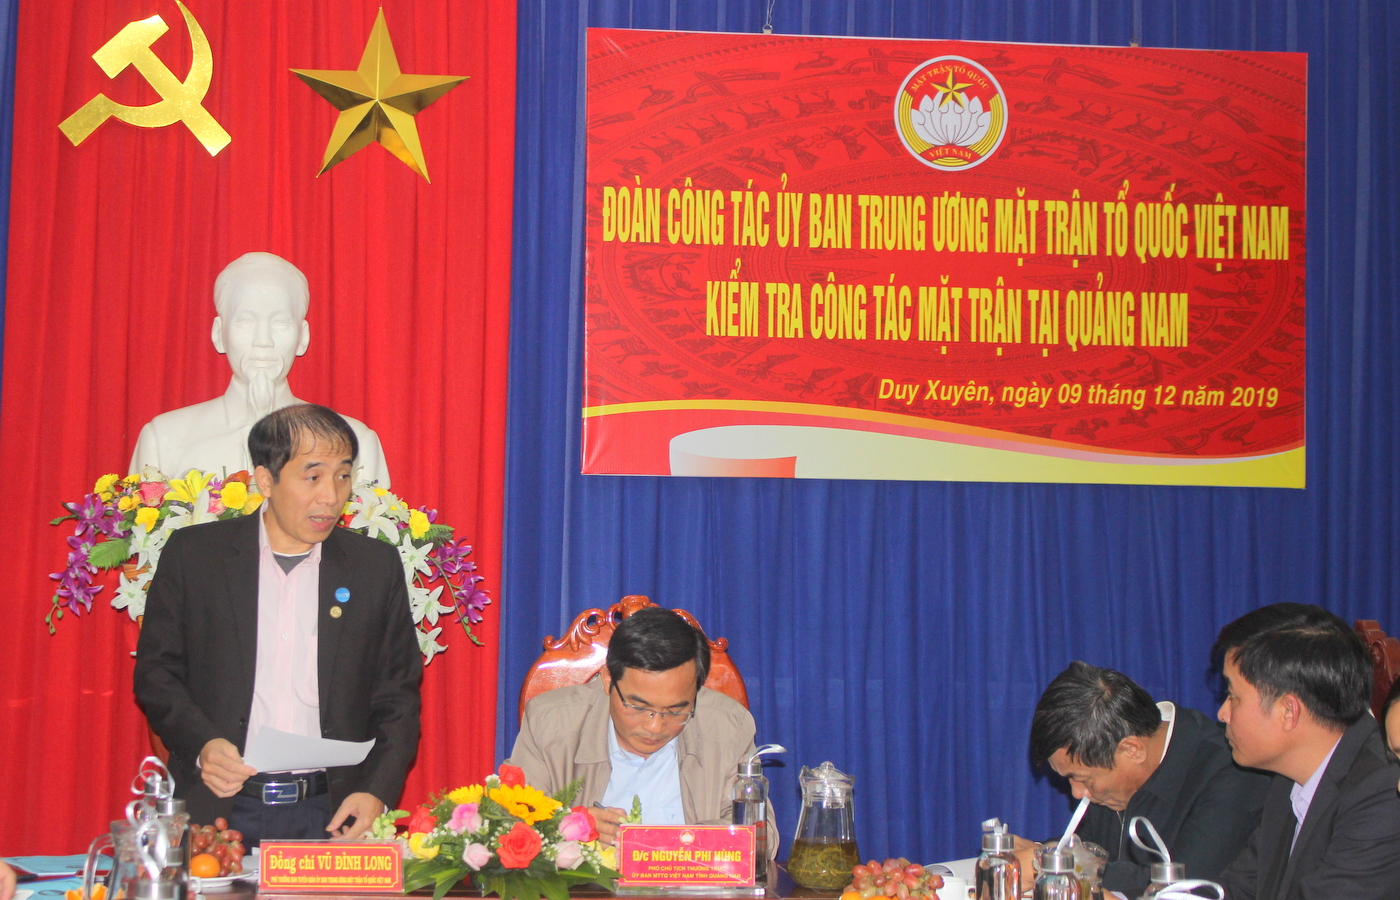 Tham mưu giúp cấp ủy tổ chức thành công Đại hội Đảng các cấp